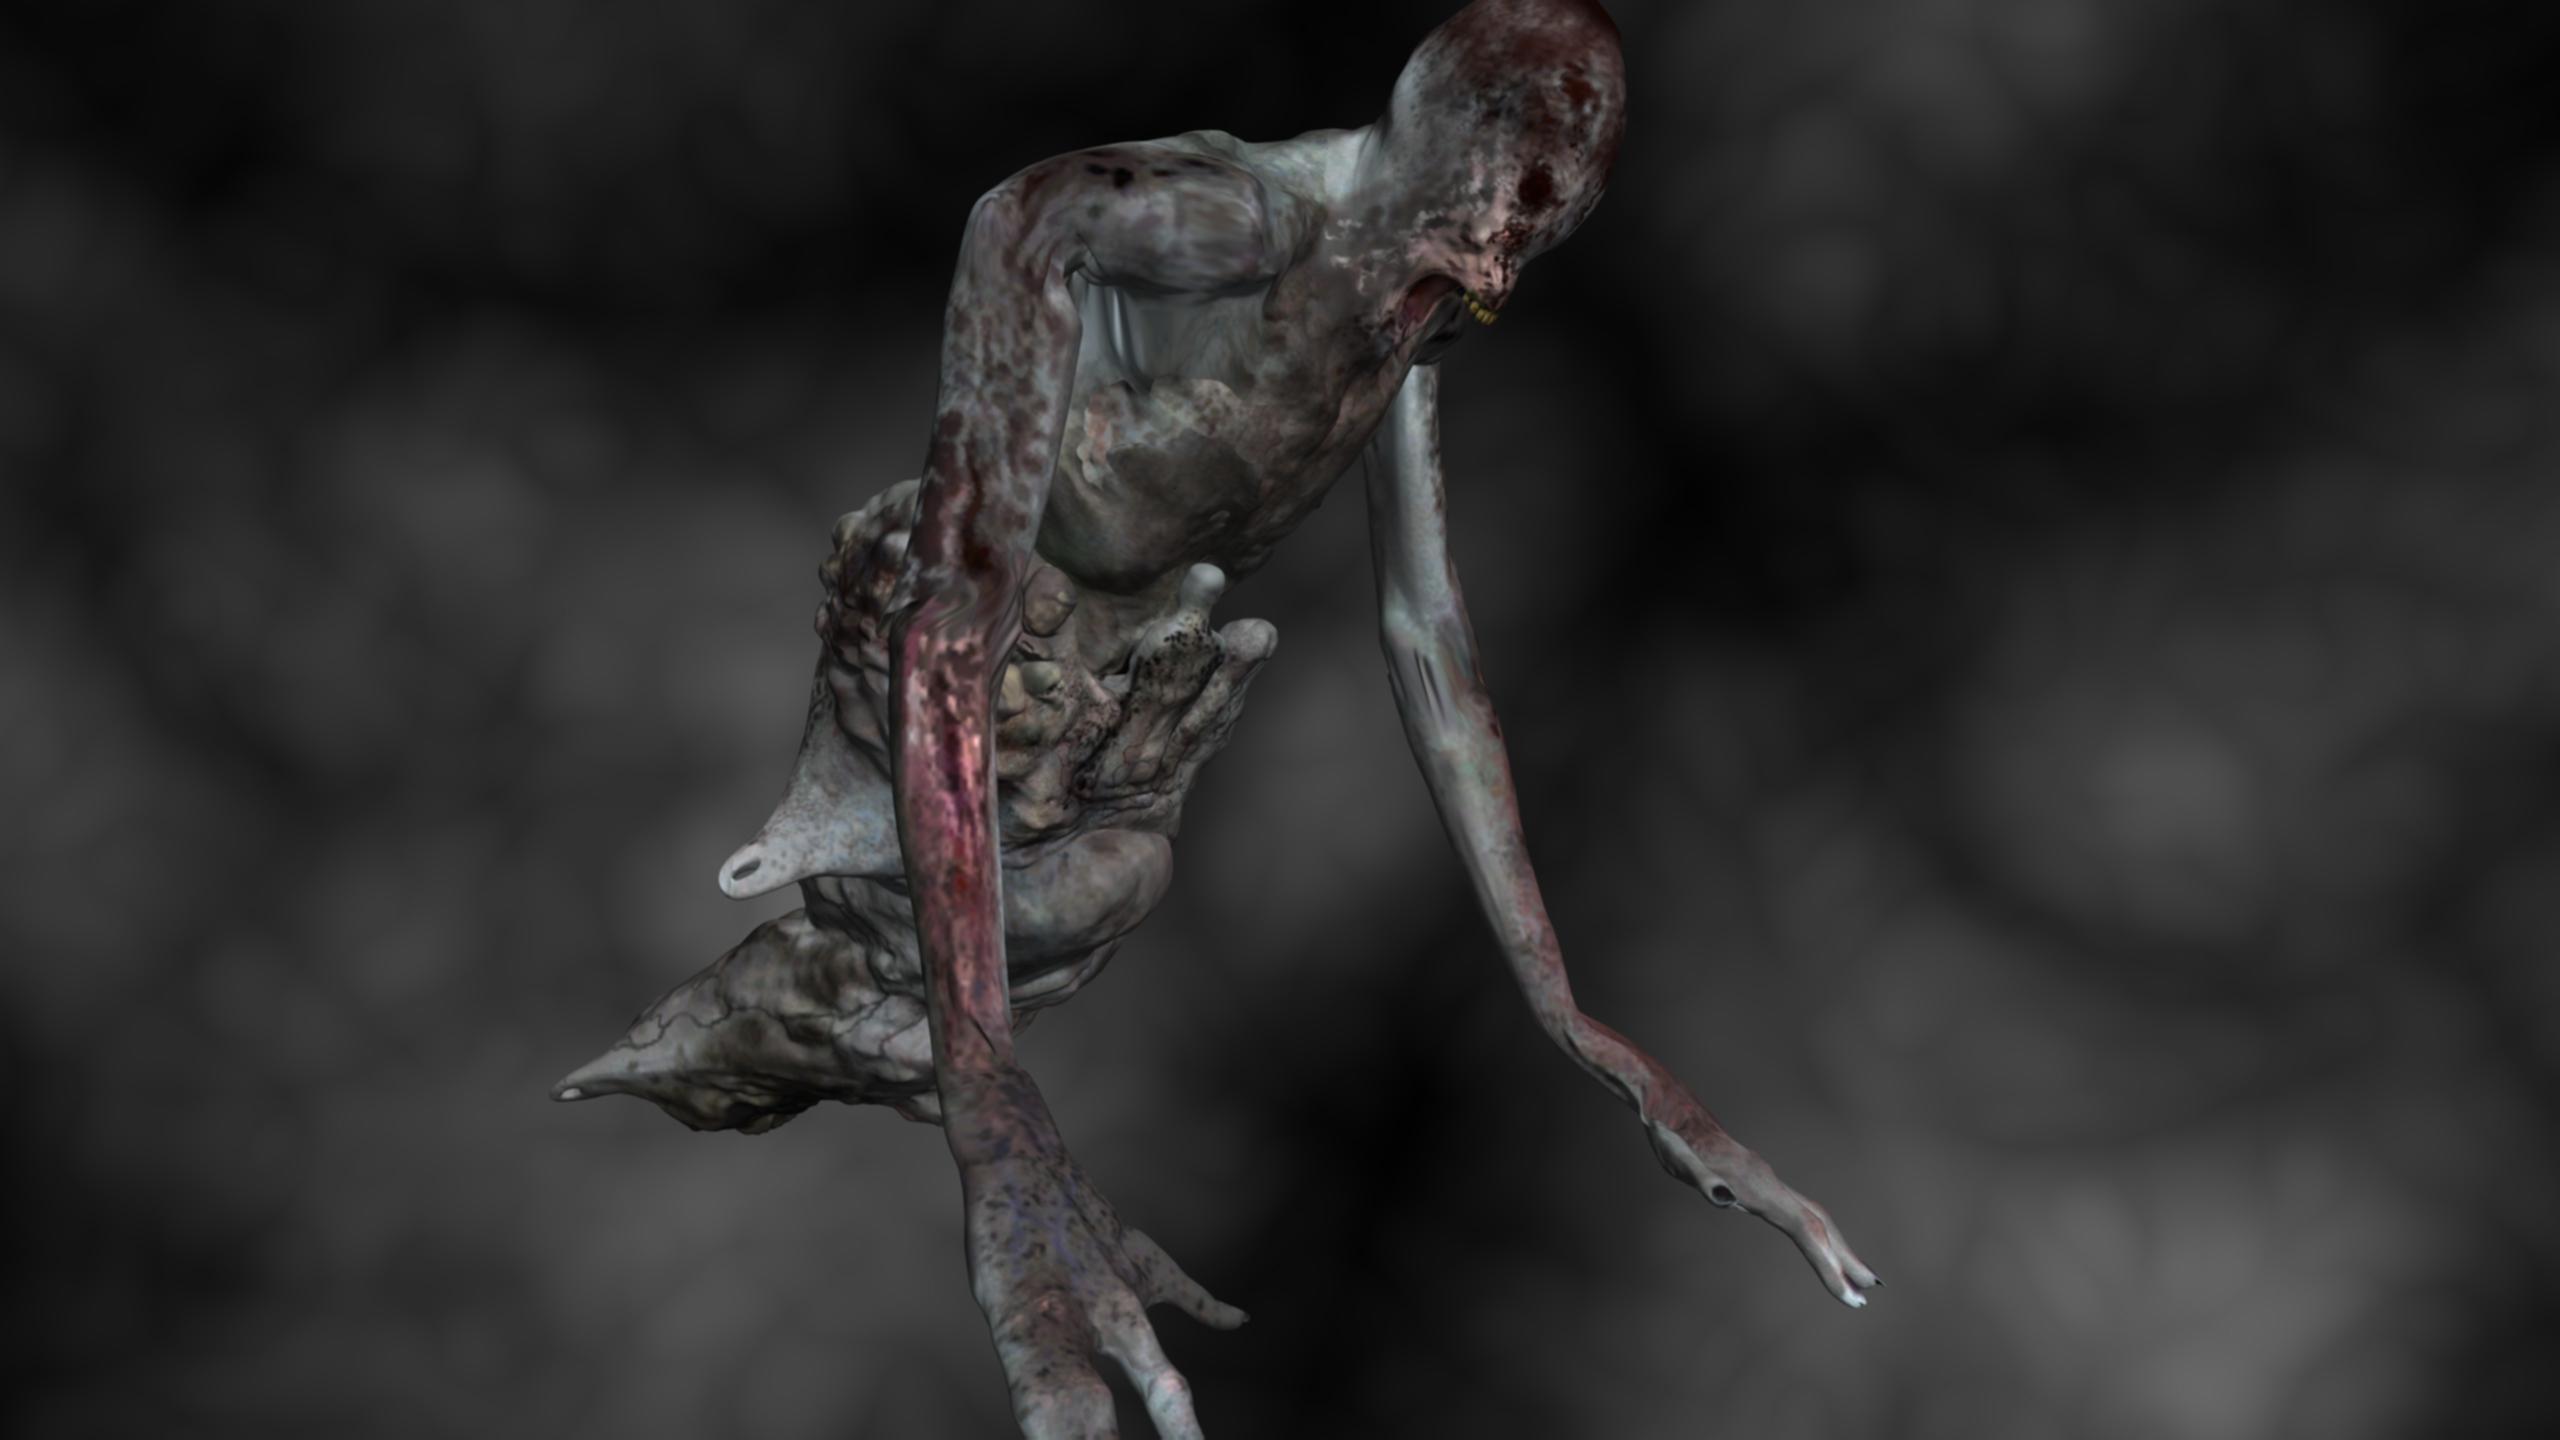 просто картинки про монстров в сталкере может быть специальная